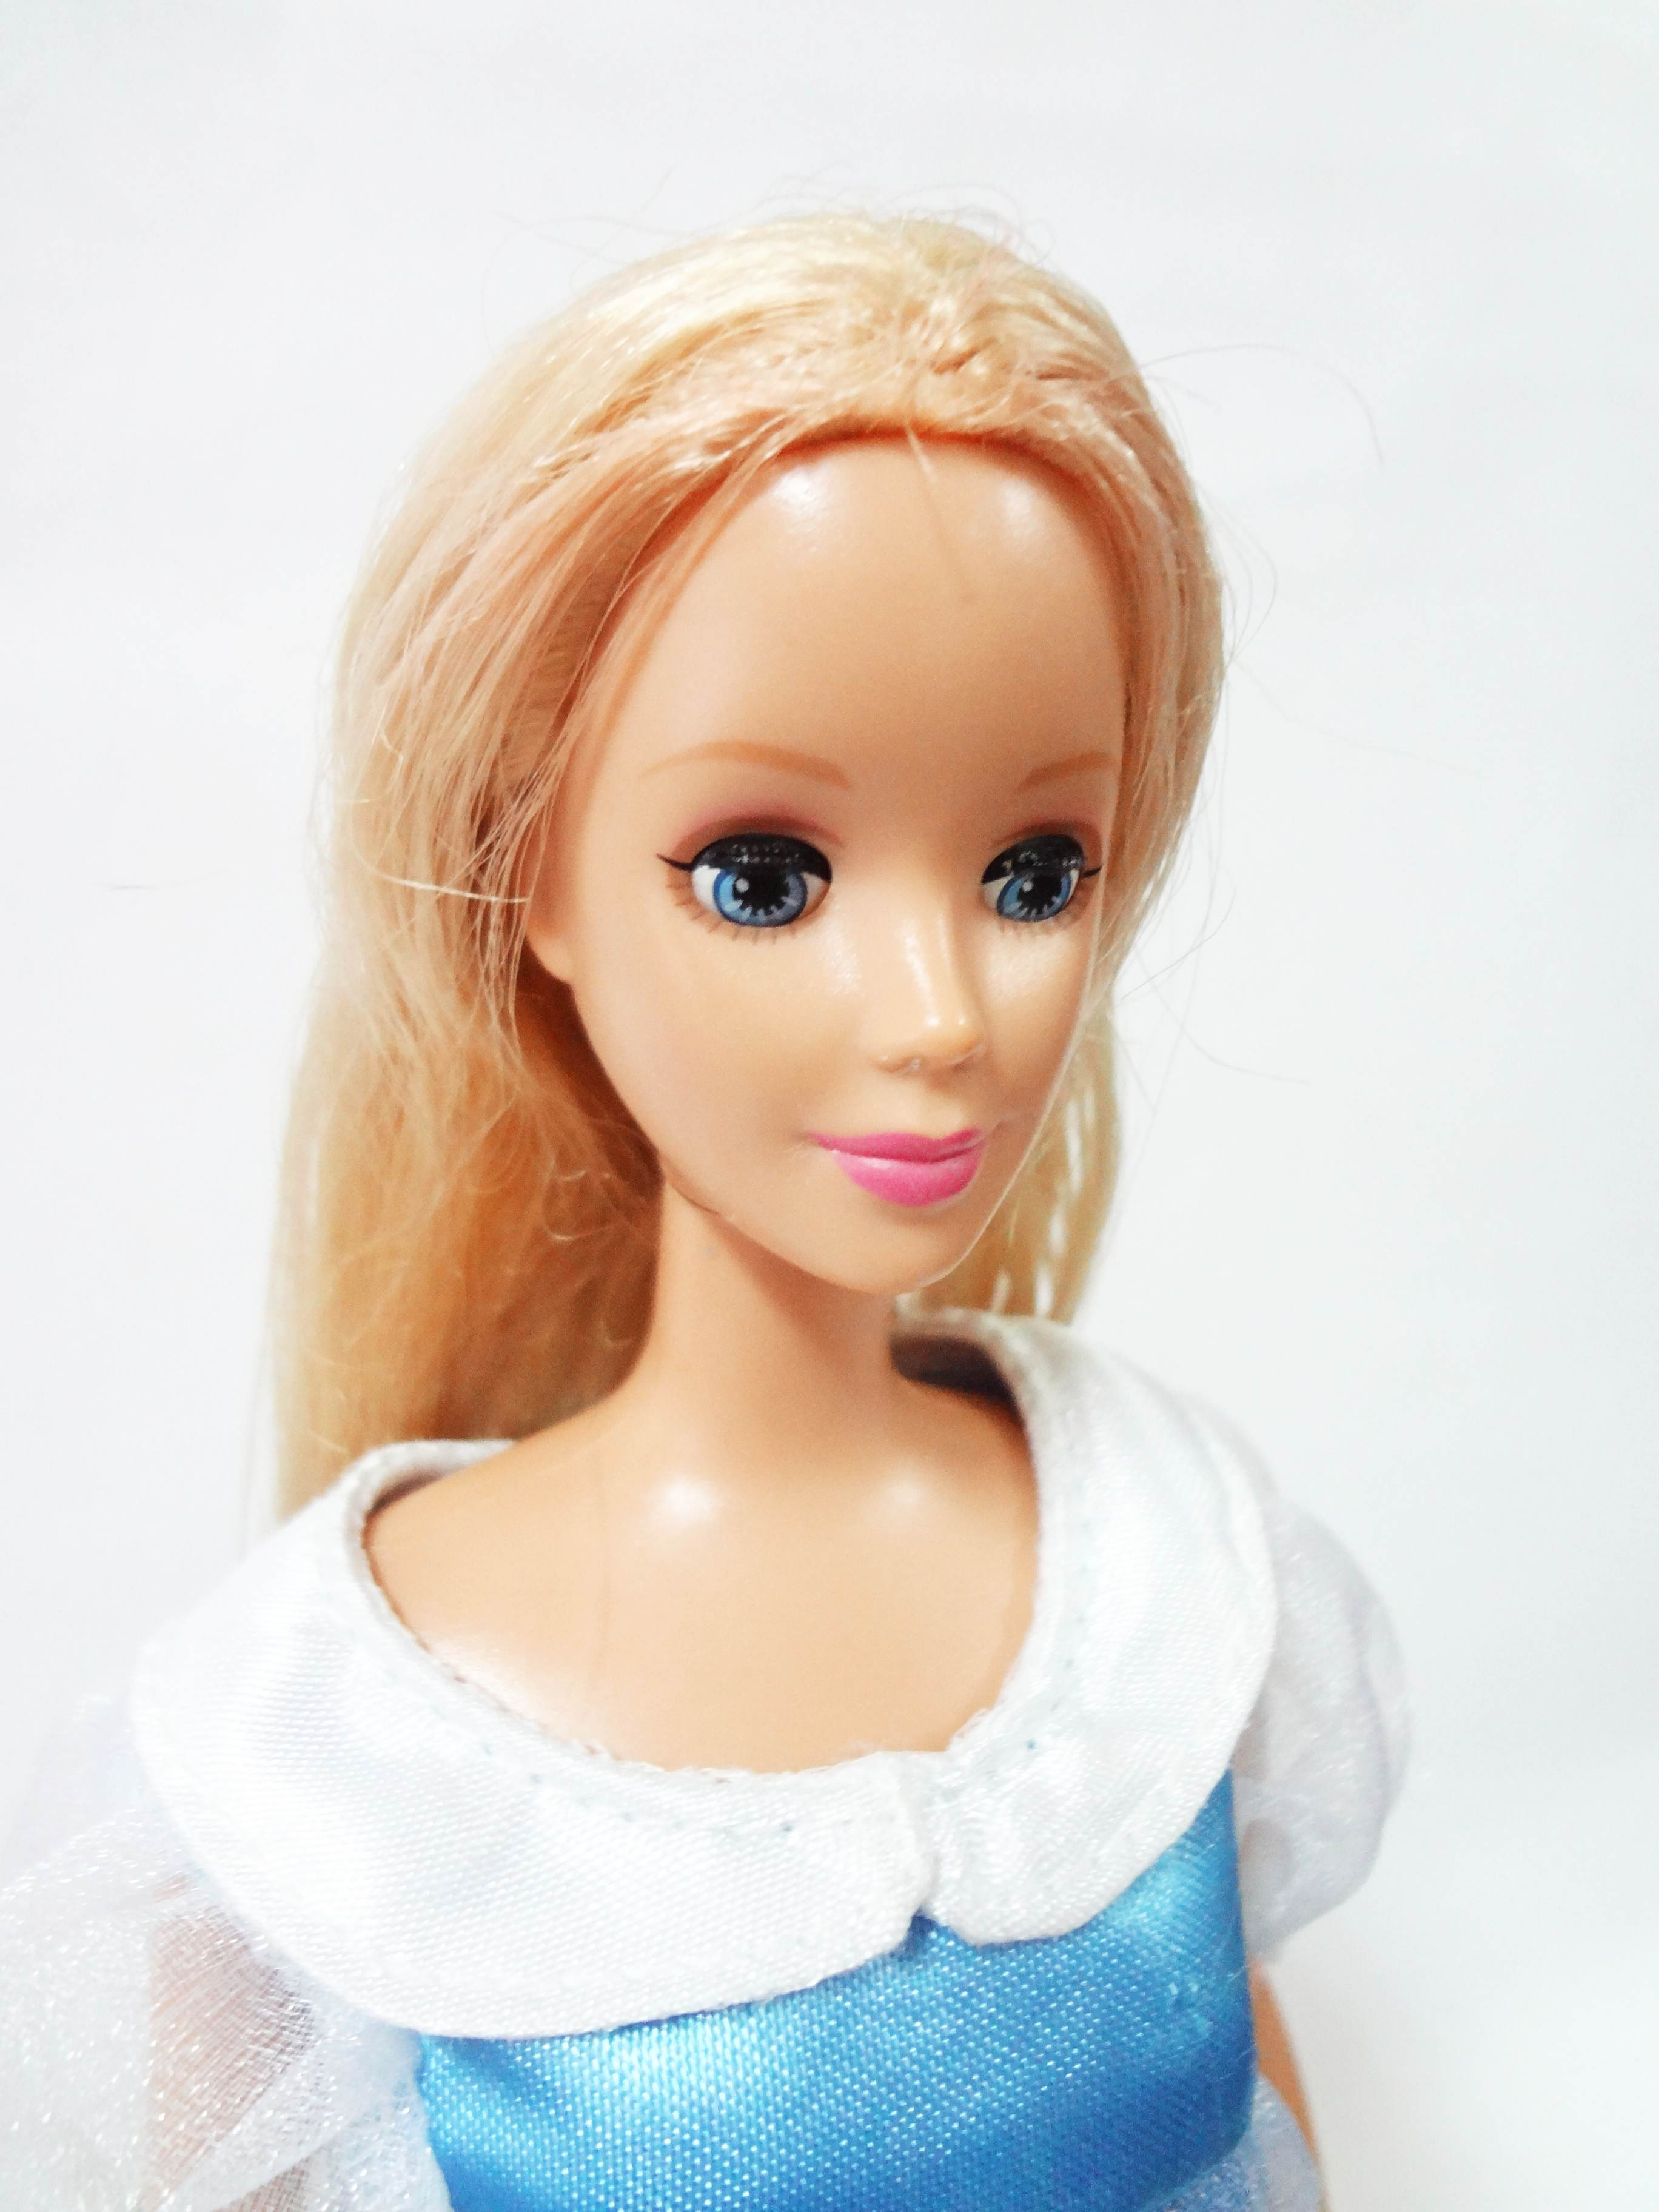 ตุ๊กตาบาร์บี้เจ้าหญิงนิทรา เปิด-ปิดตาได้